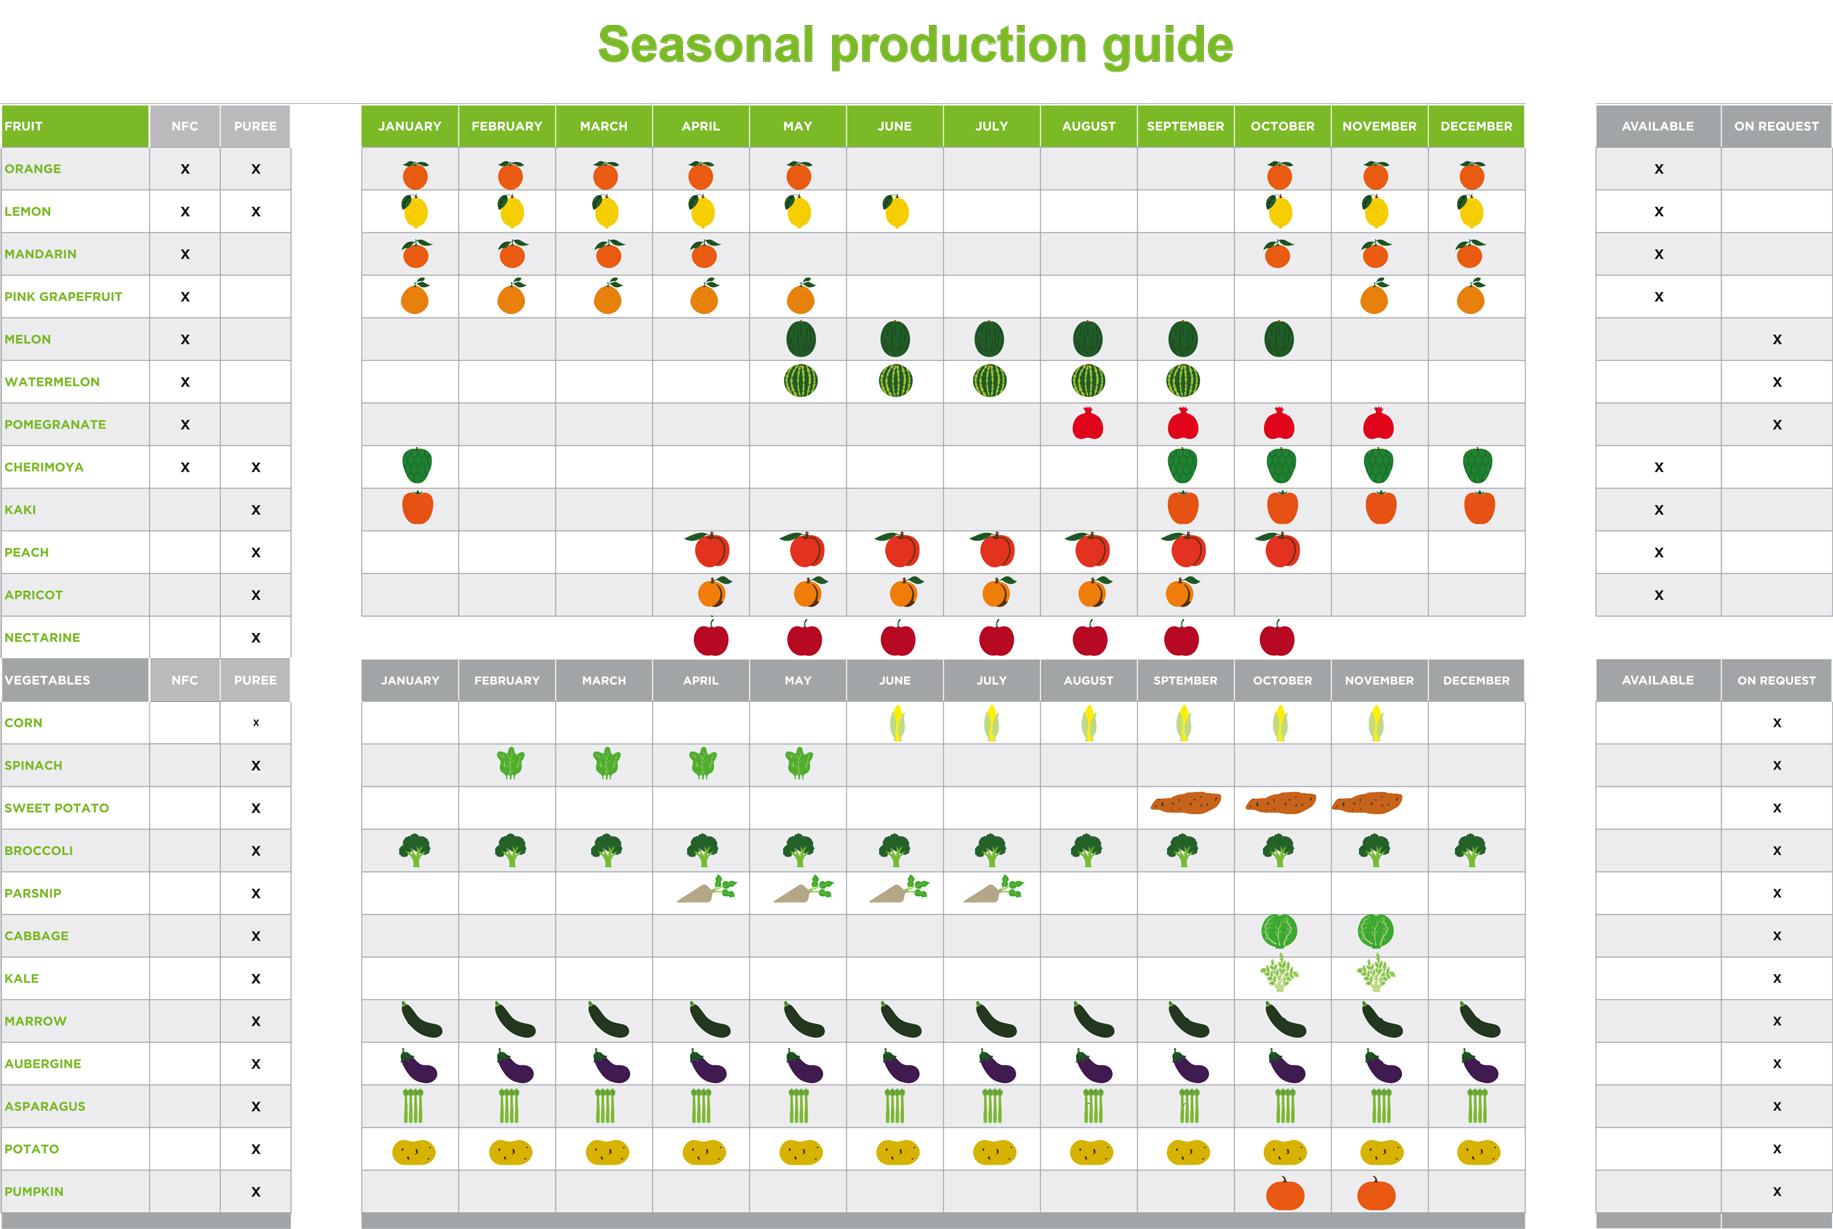 SEASONAL-PRODUCTION-GUIDE